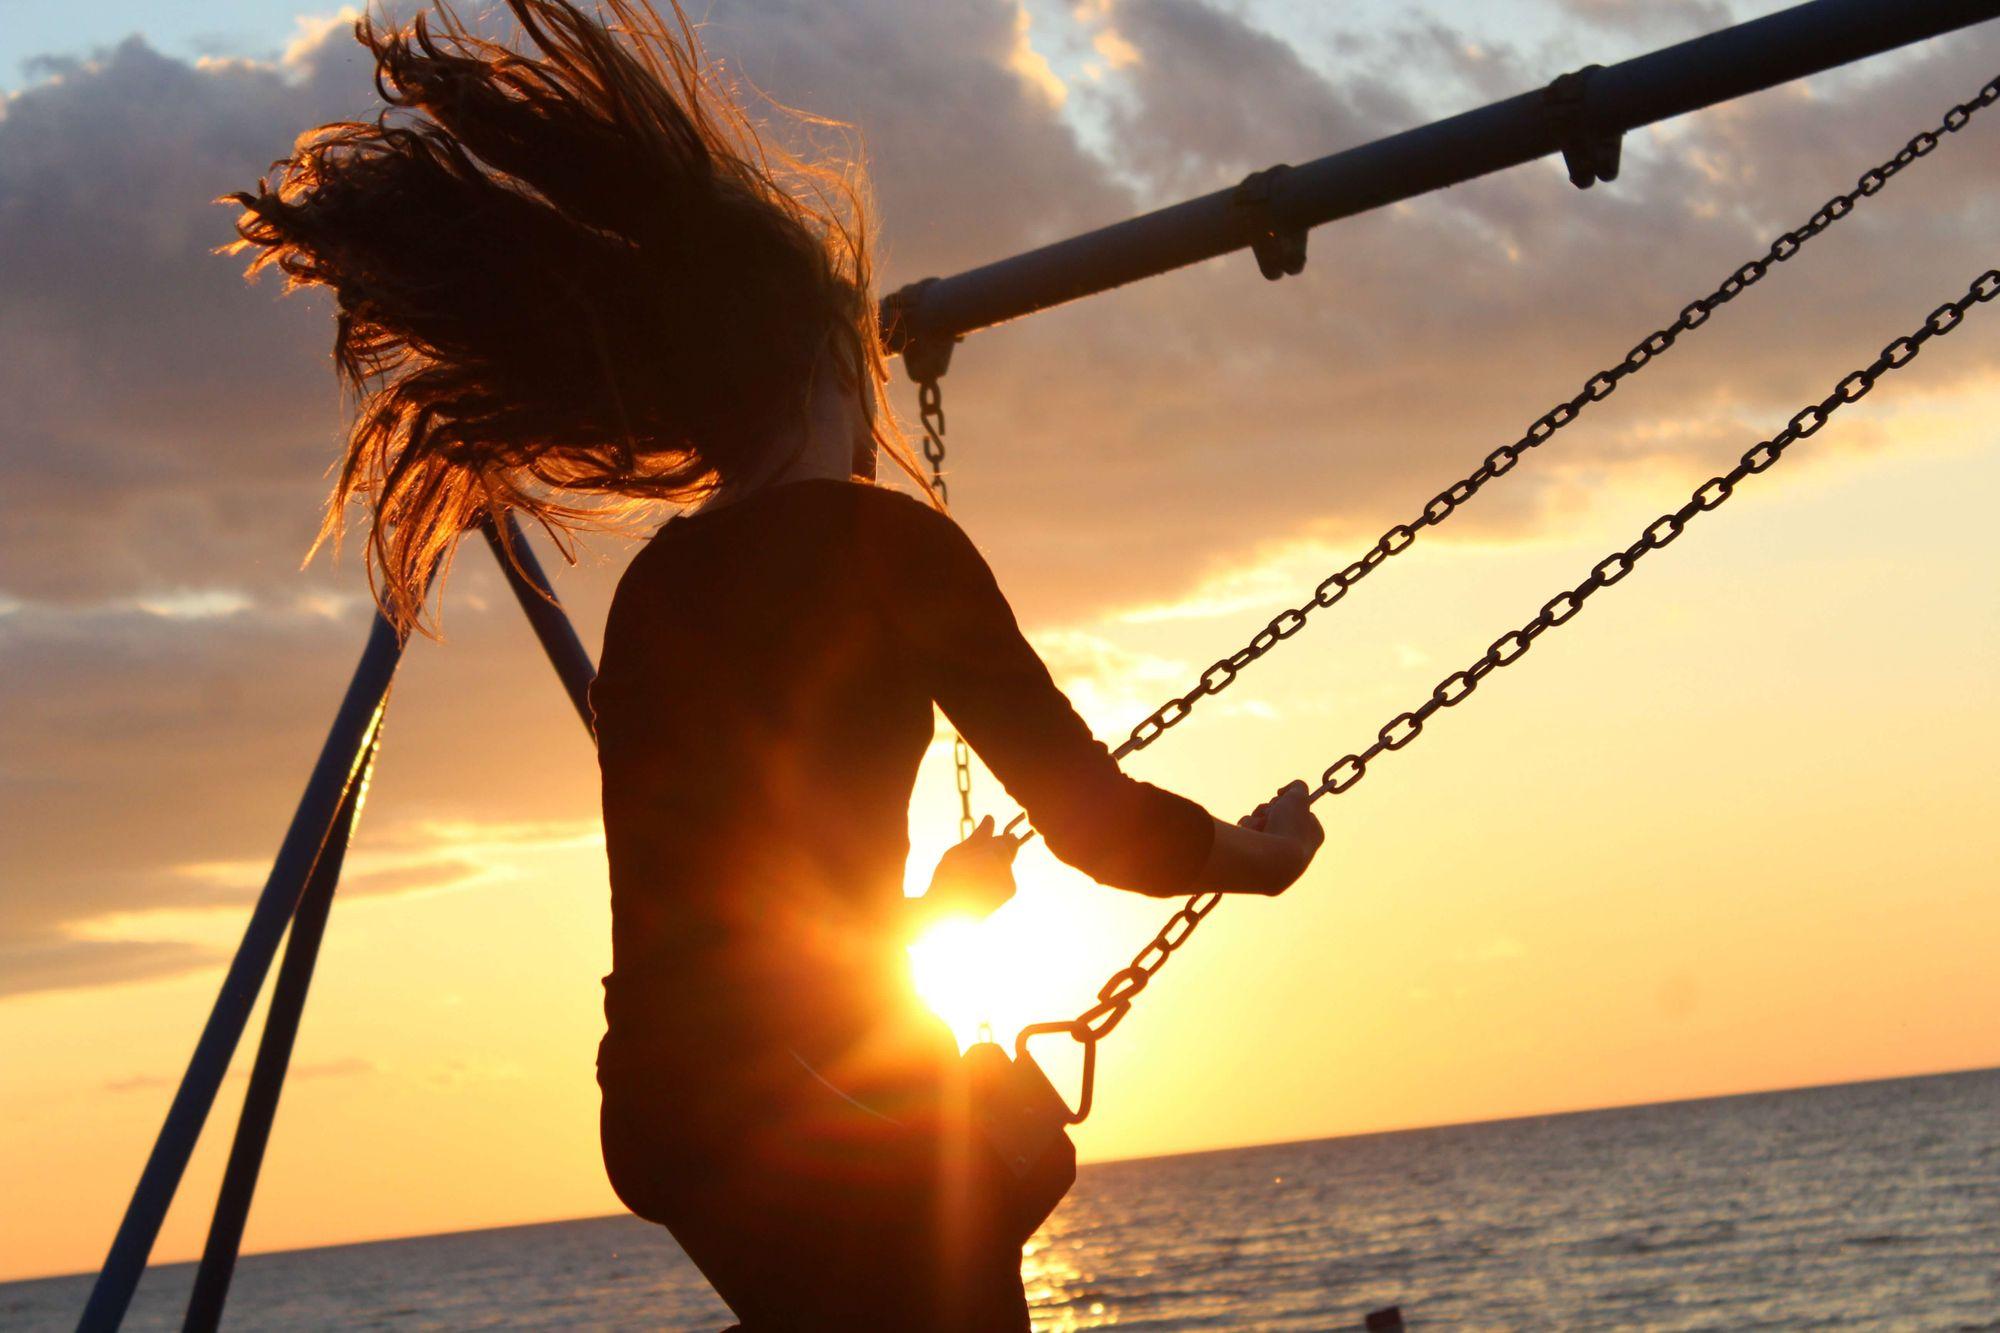 Jovem andando de balanço, com os cabelos ao vento, em frente ao por do sol no mar.